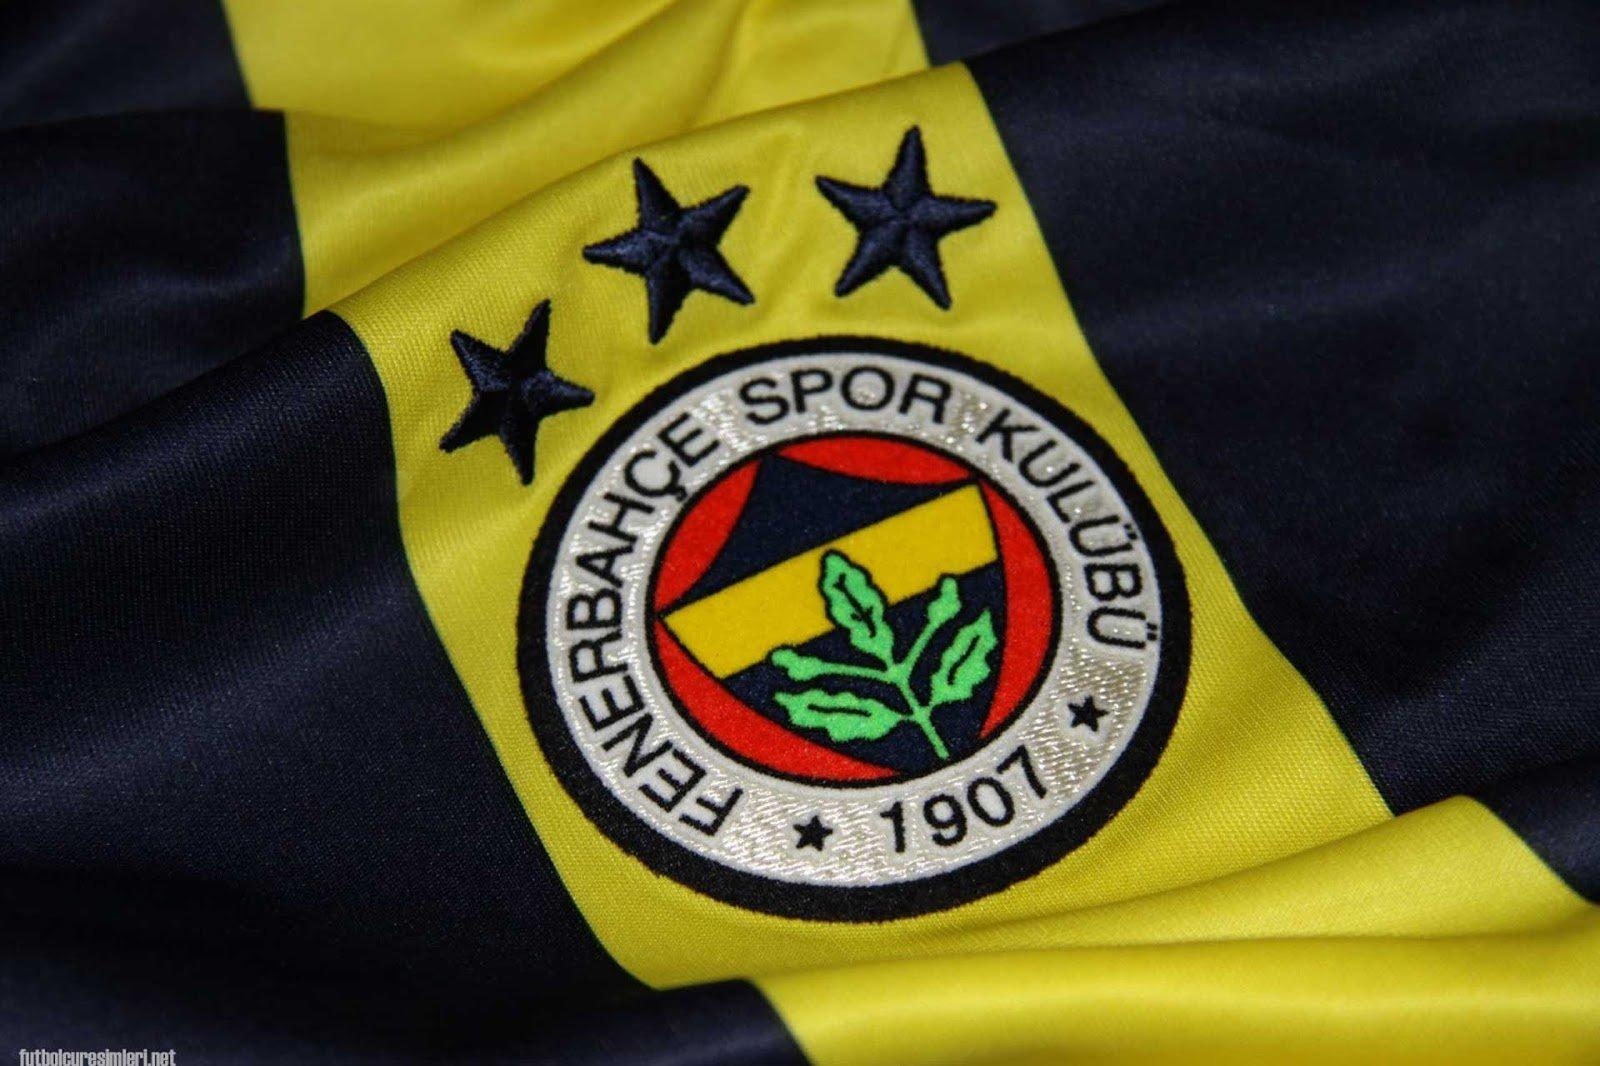 Manchester United'lı futbolcudan Fenerbahçe'nin teklifi için flaş yanıt